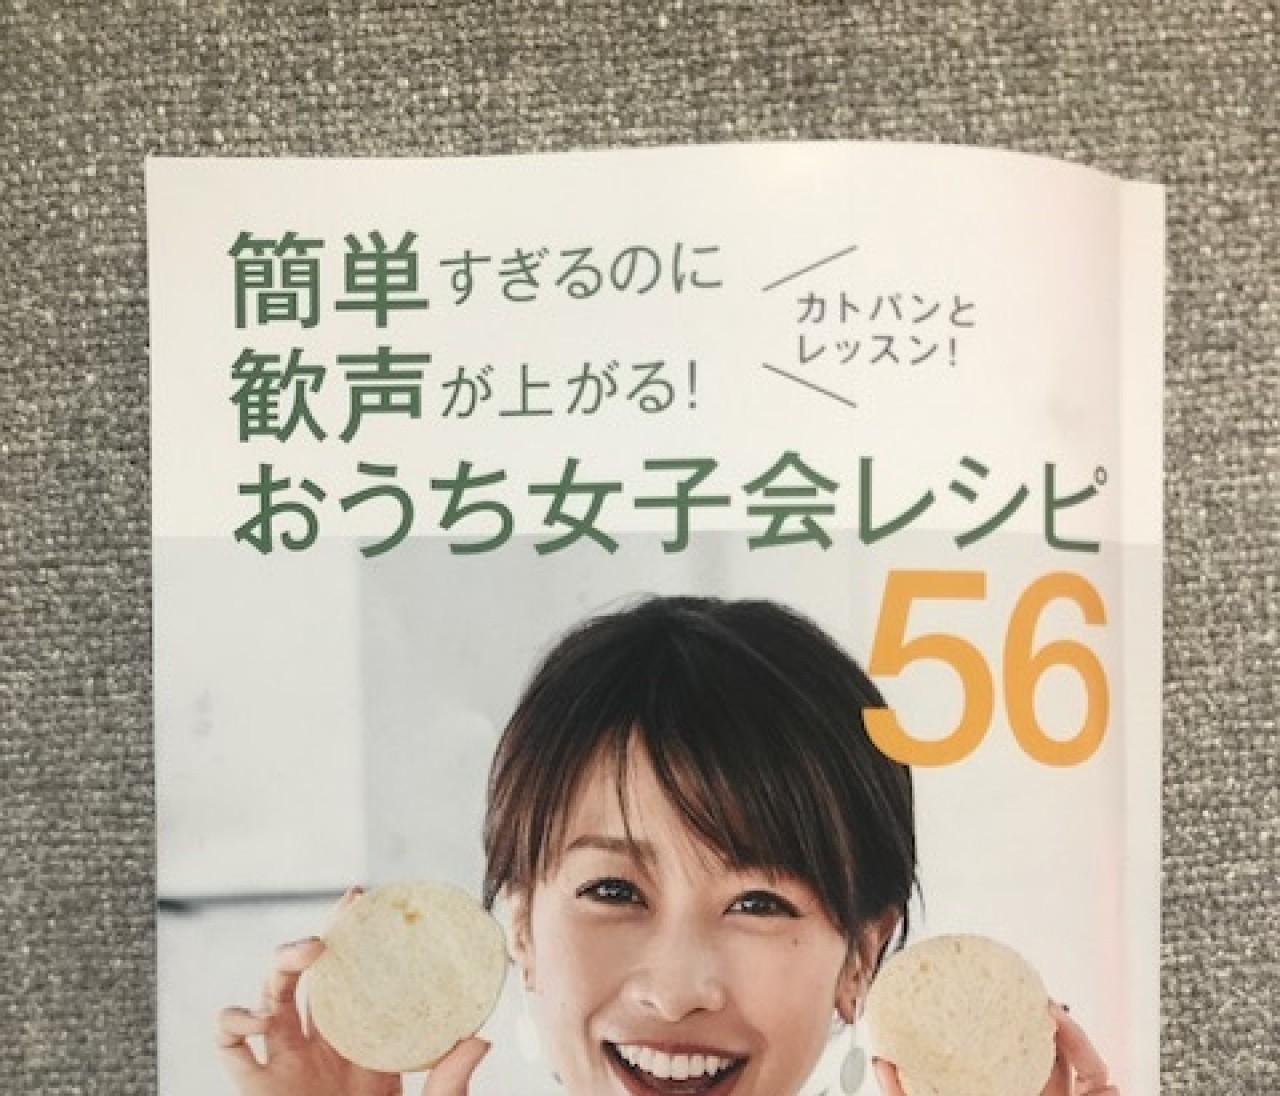 カトパン料理連載担当編集がリアルに実践!おうち女子会レシピベスト5!